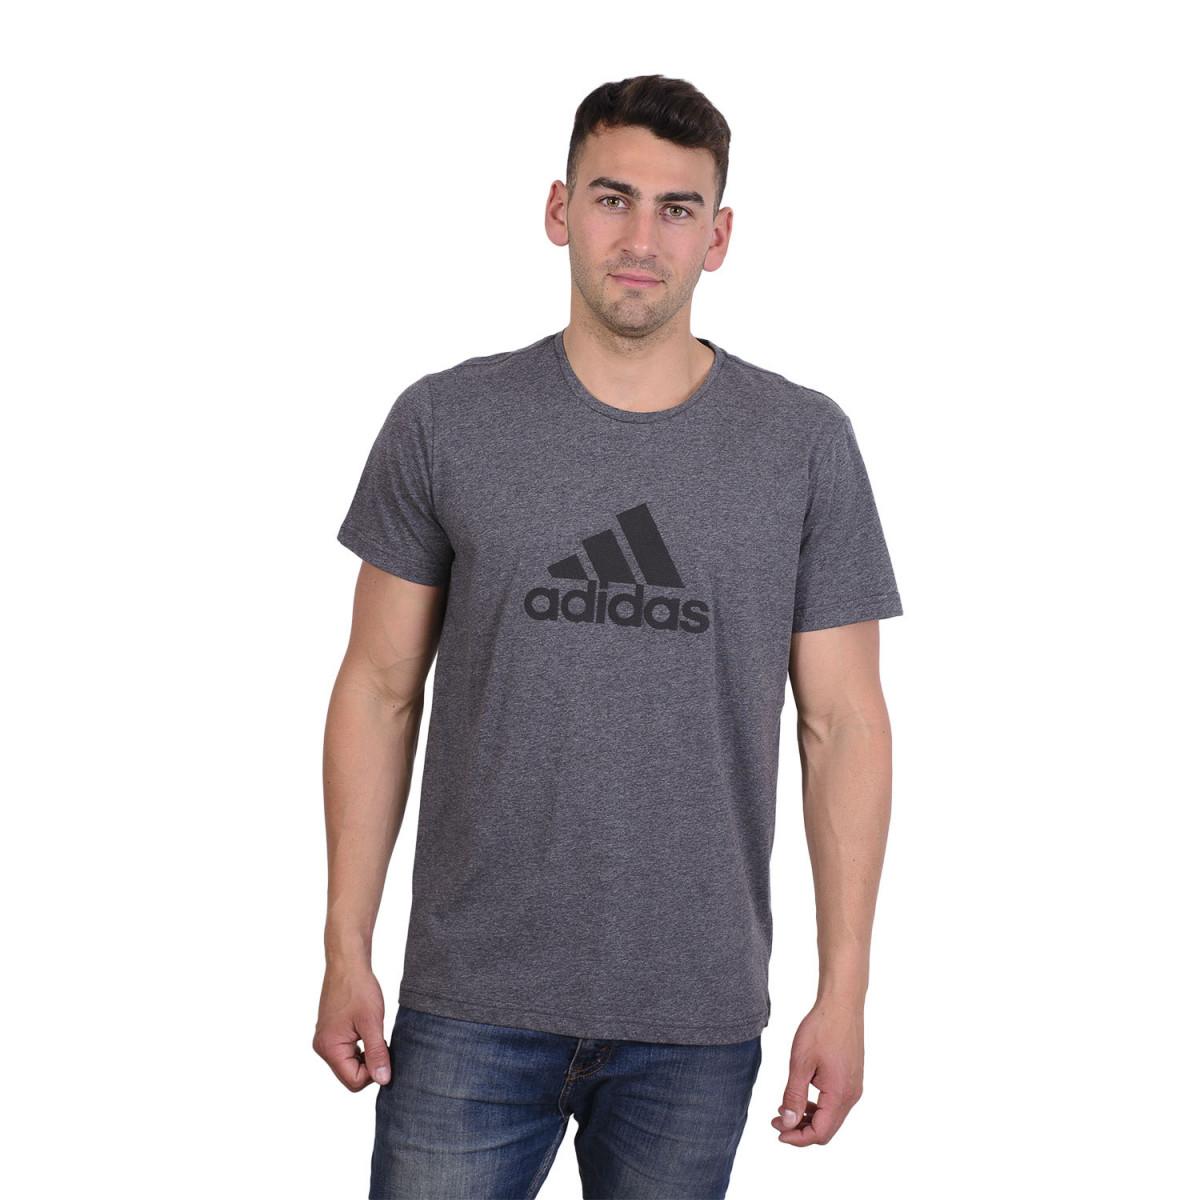 89e2e8a72 Remera Adidas Essentials Logo 2 - Remeras Entrenamiento - Verano 2019